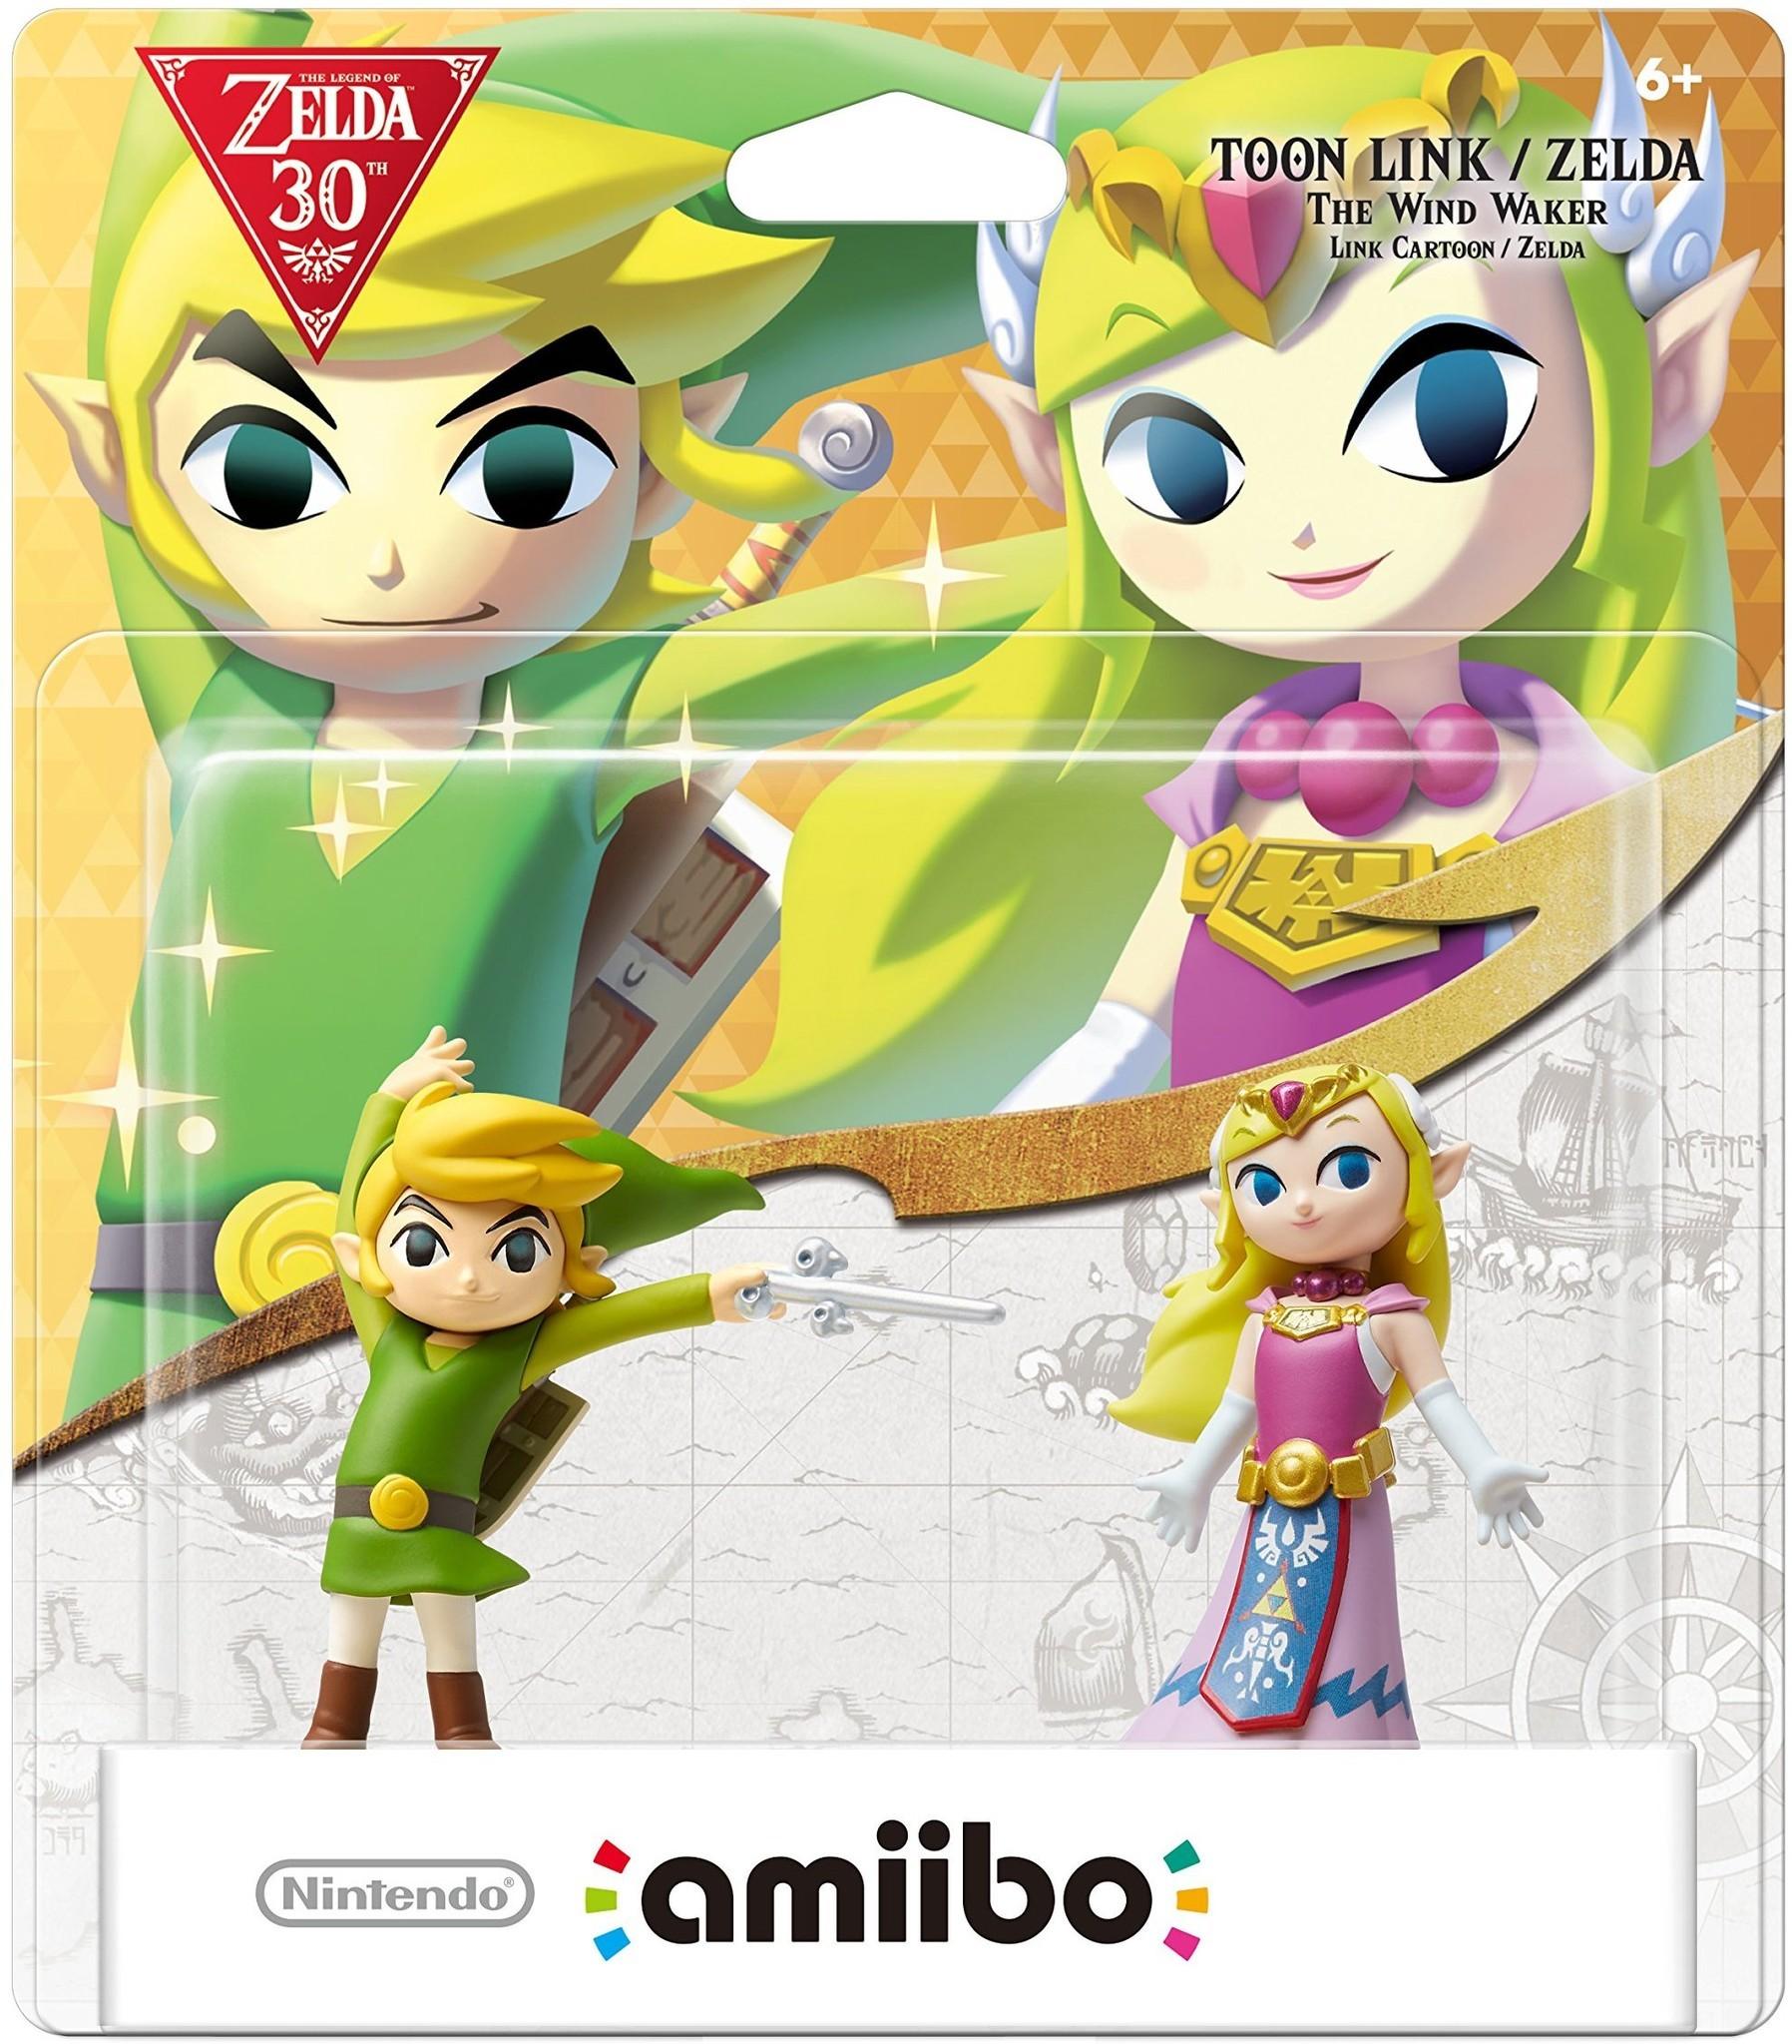 Toon Link and Zelda